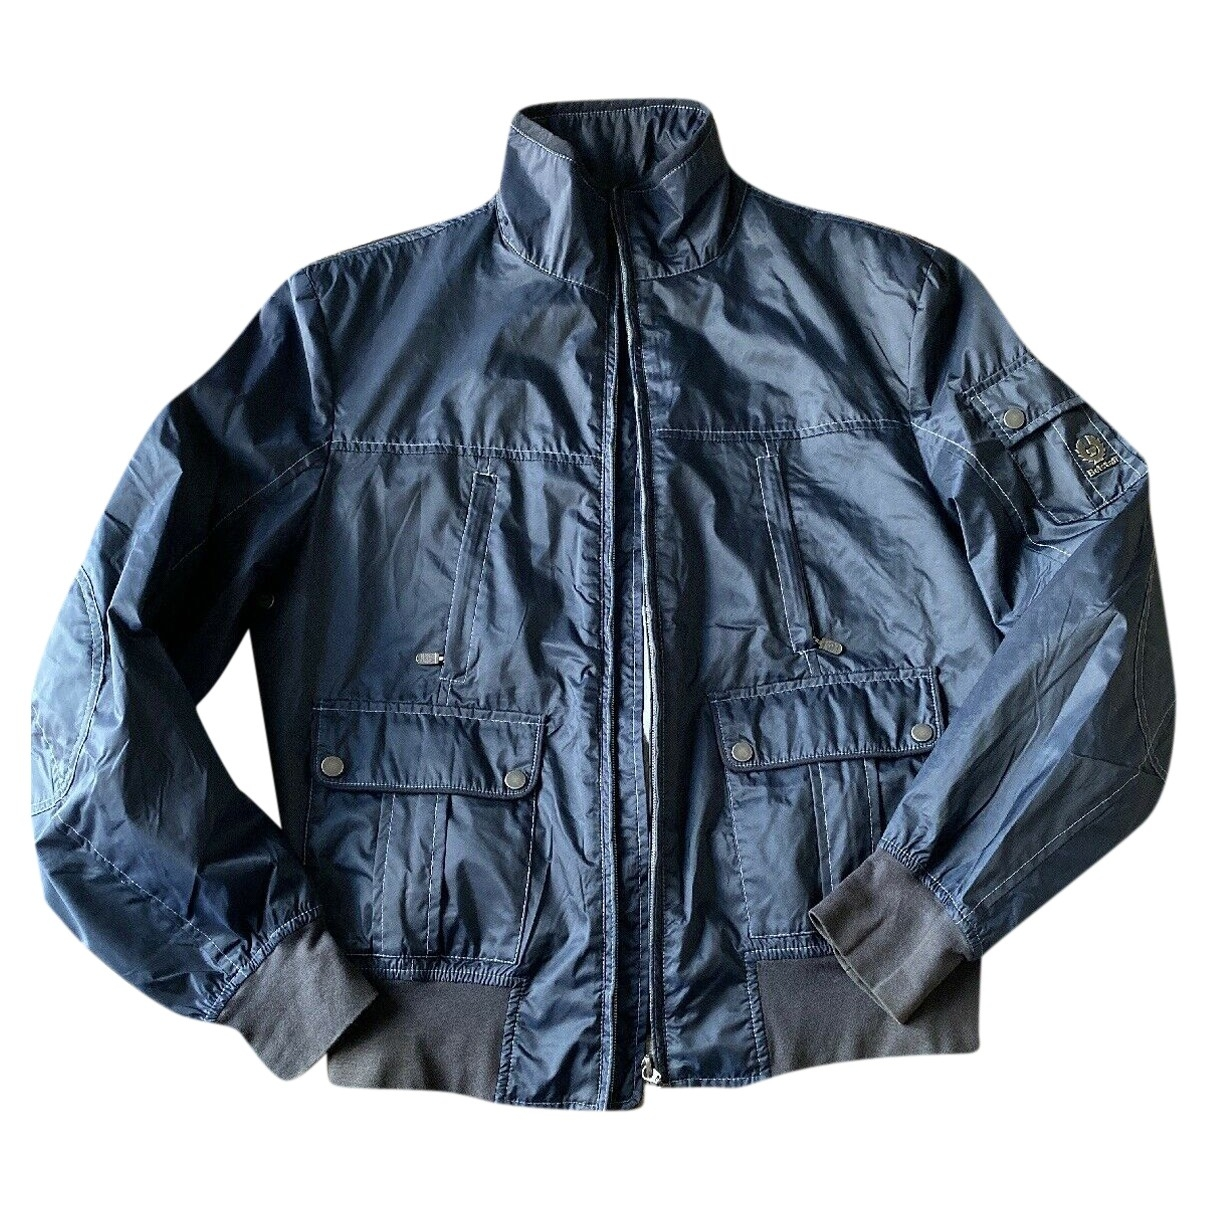 Belstaff \N Blue jacket  for Men M International